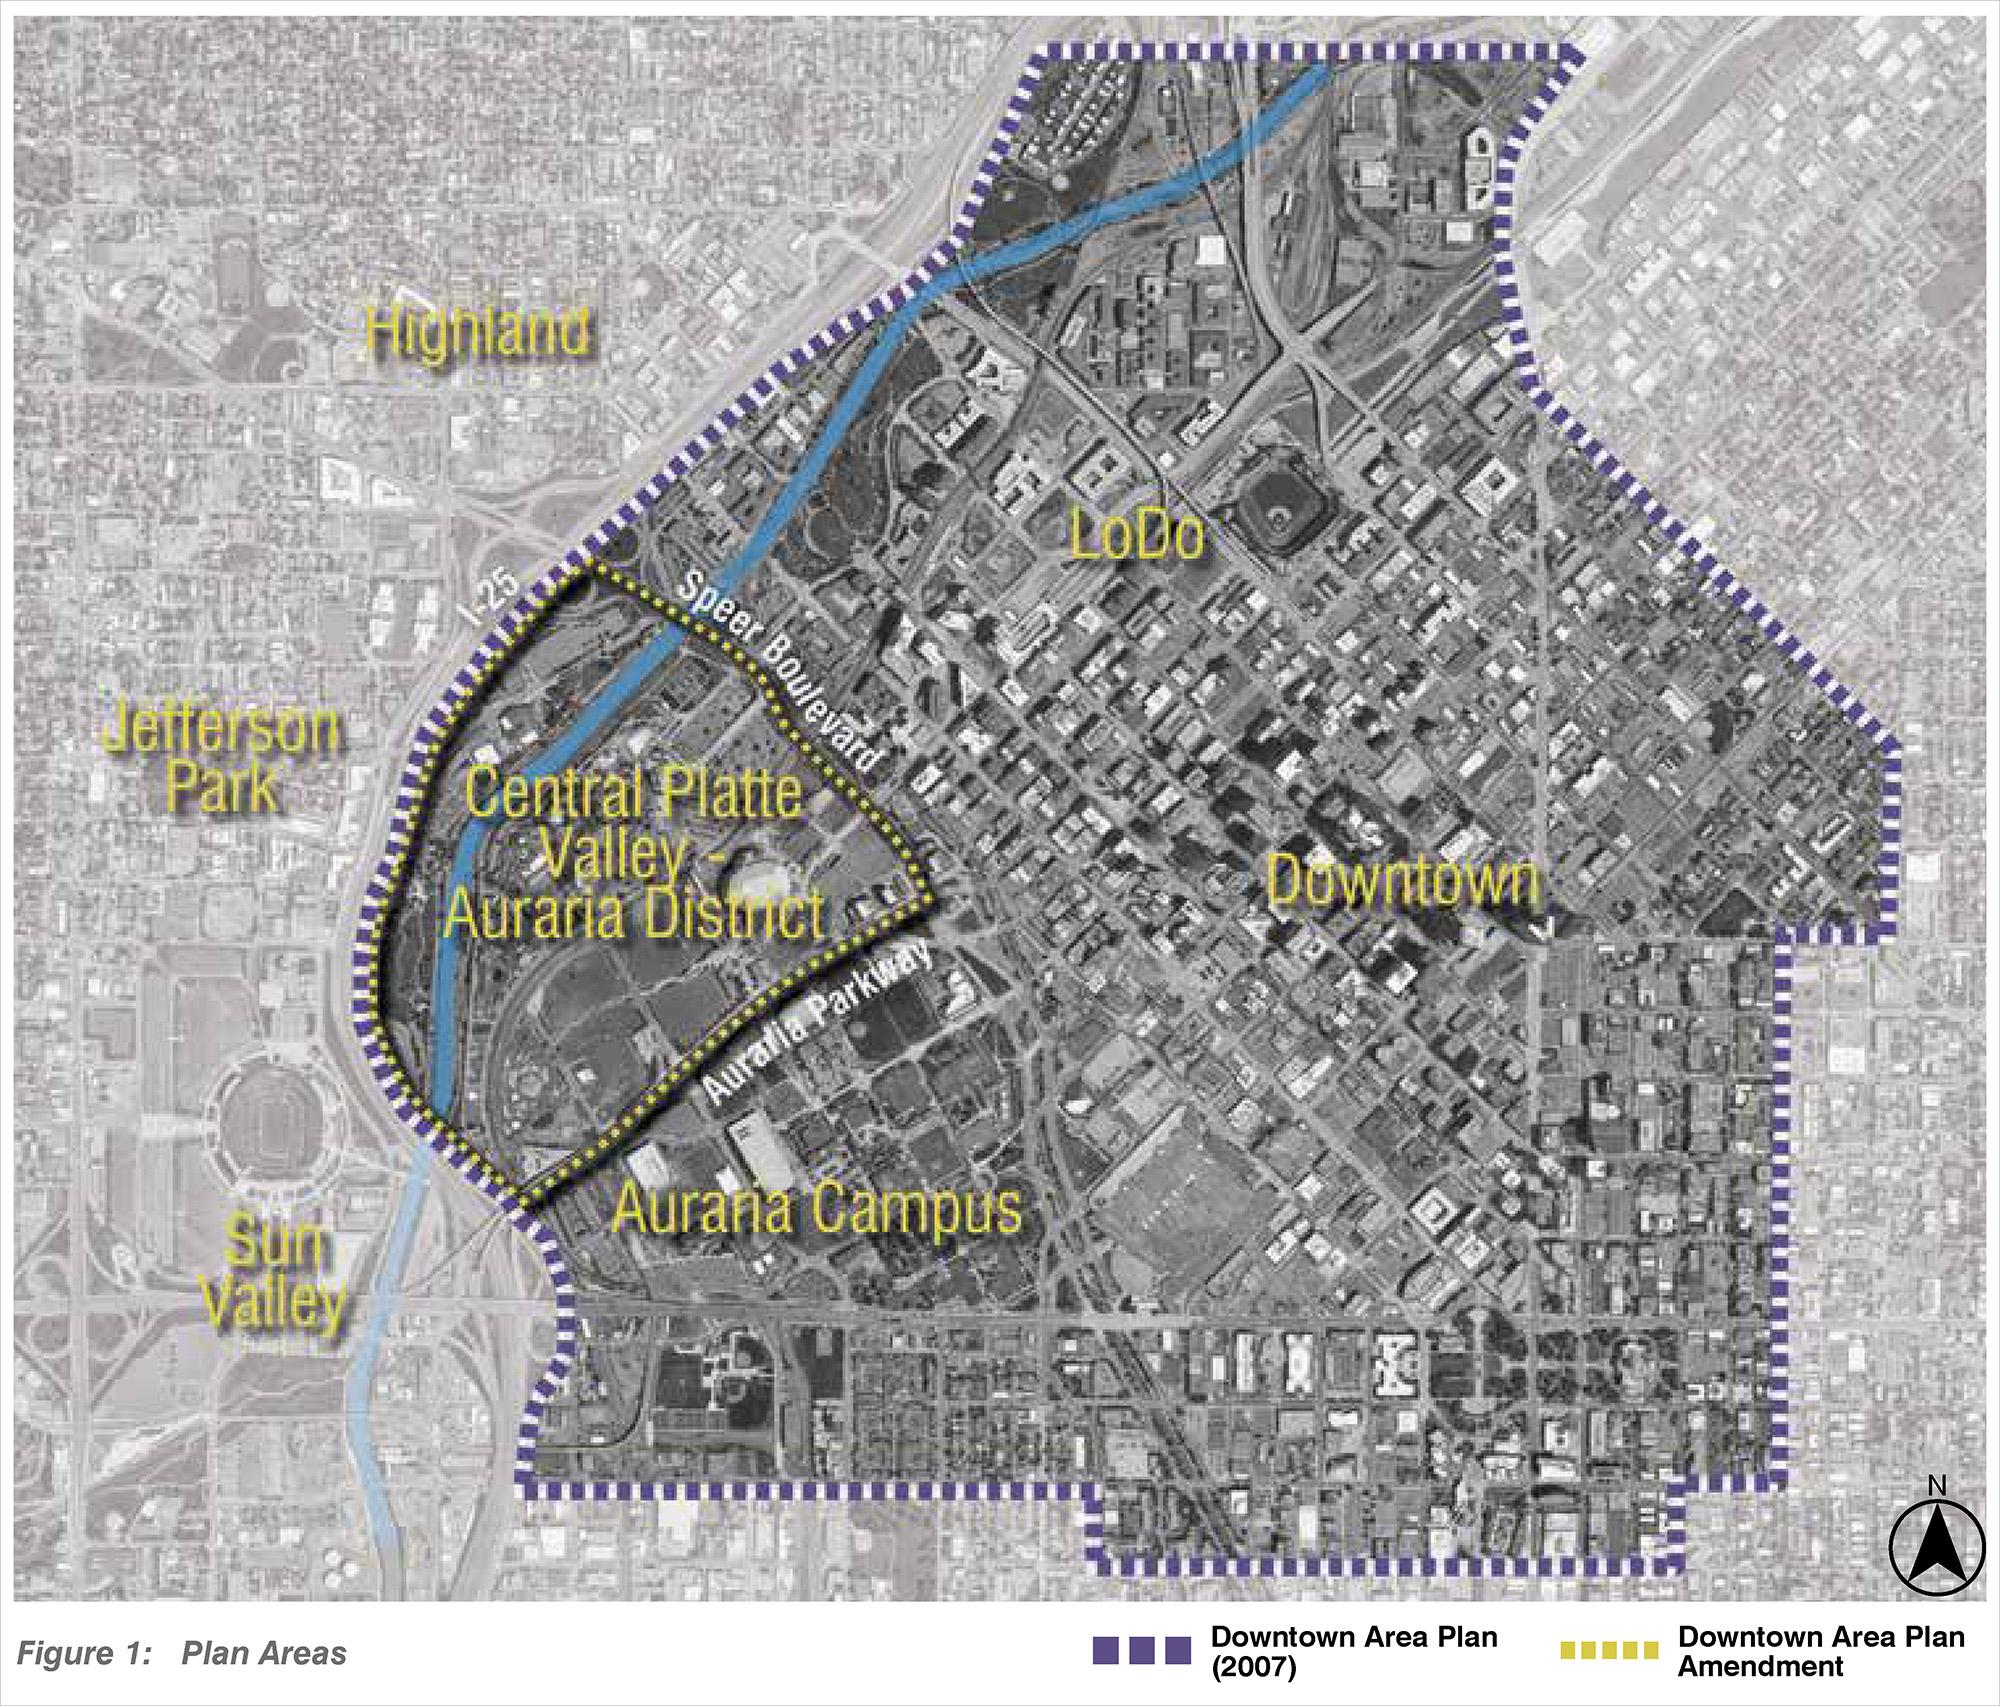 Downtown Area Plan Amendment map